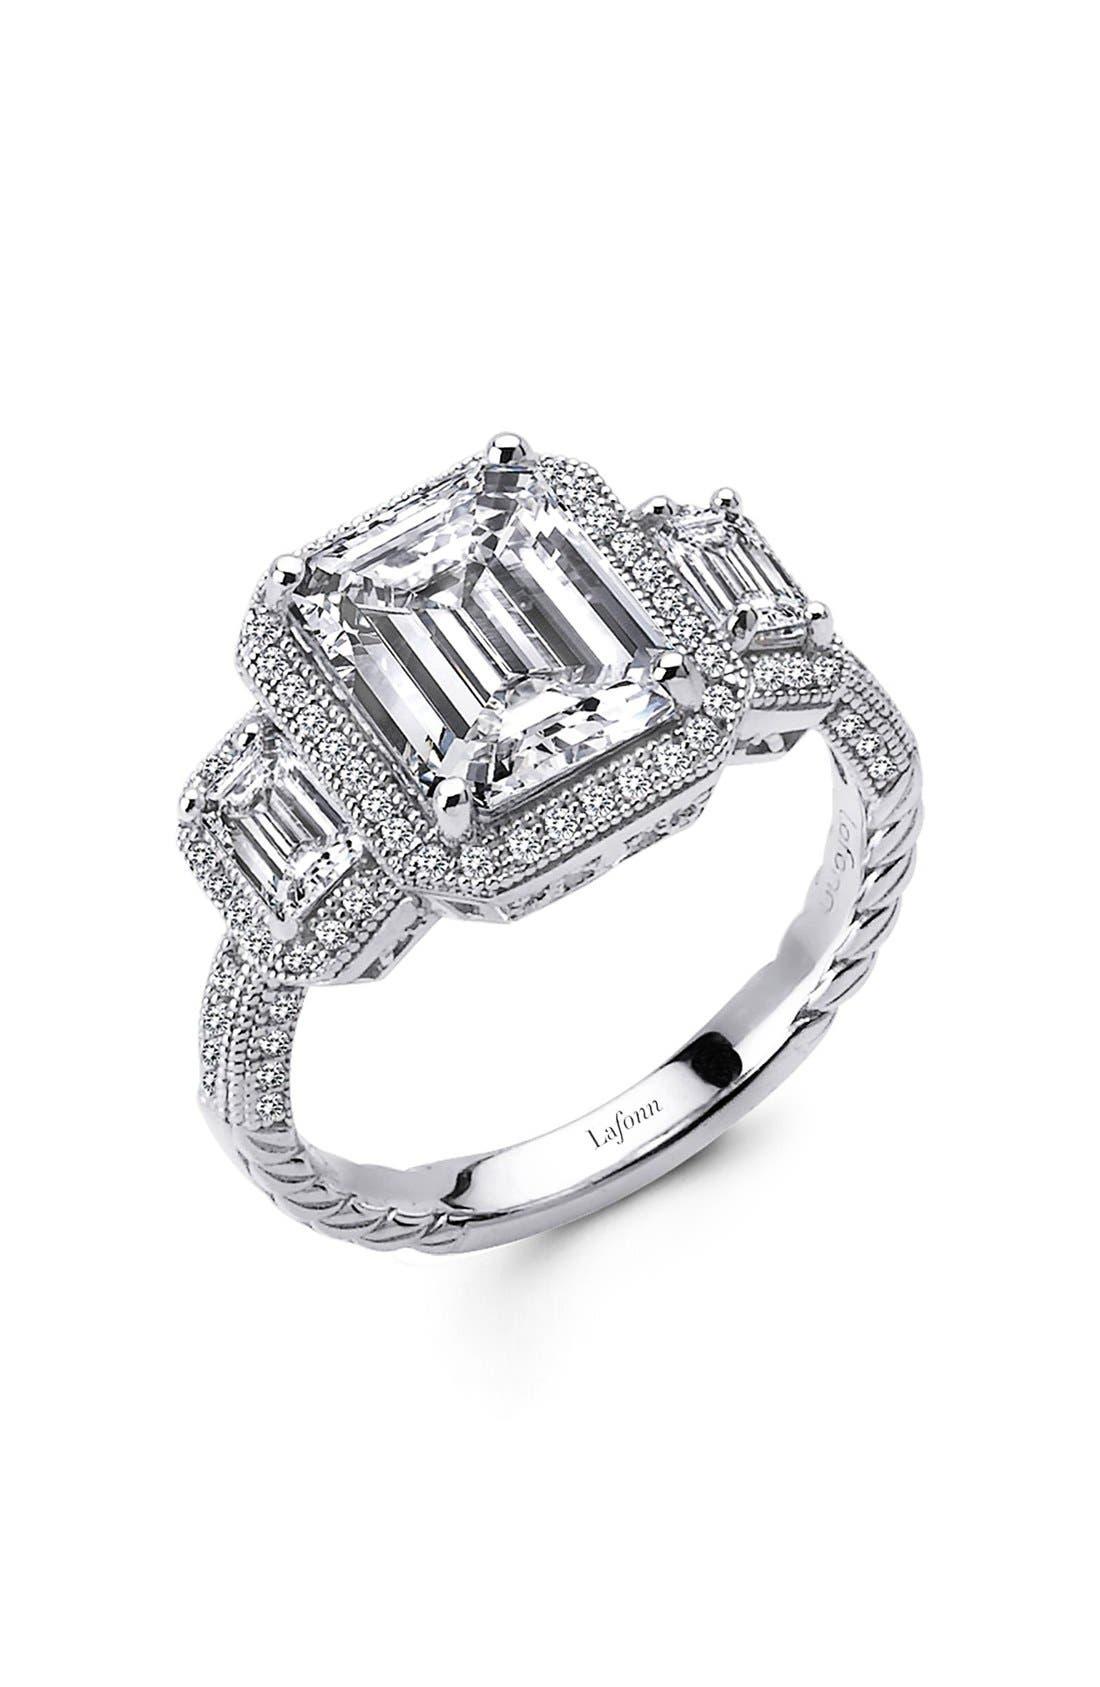 'Lassaire' Three Stone Ring,                         Main,                         color, Silver